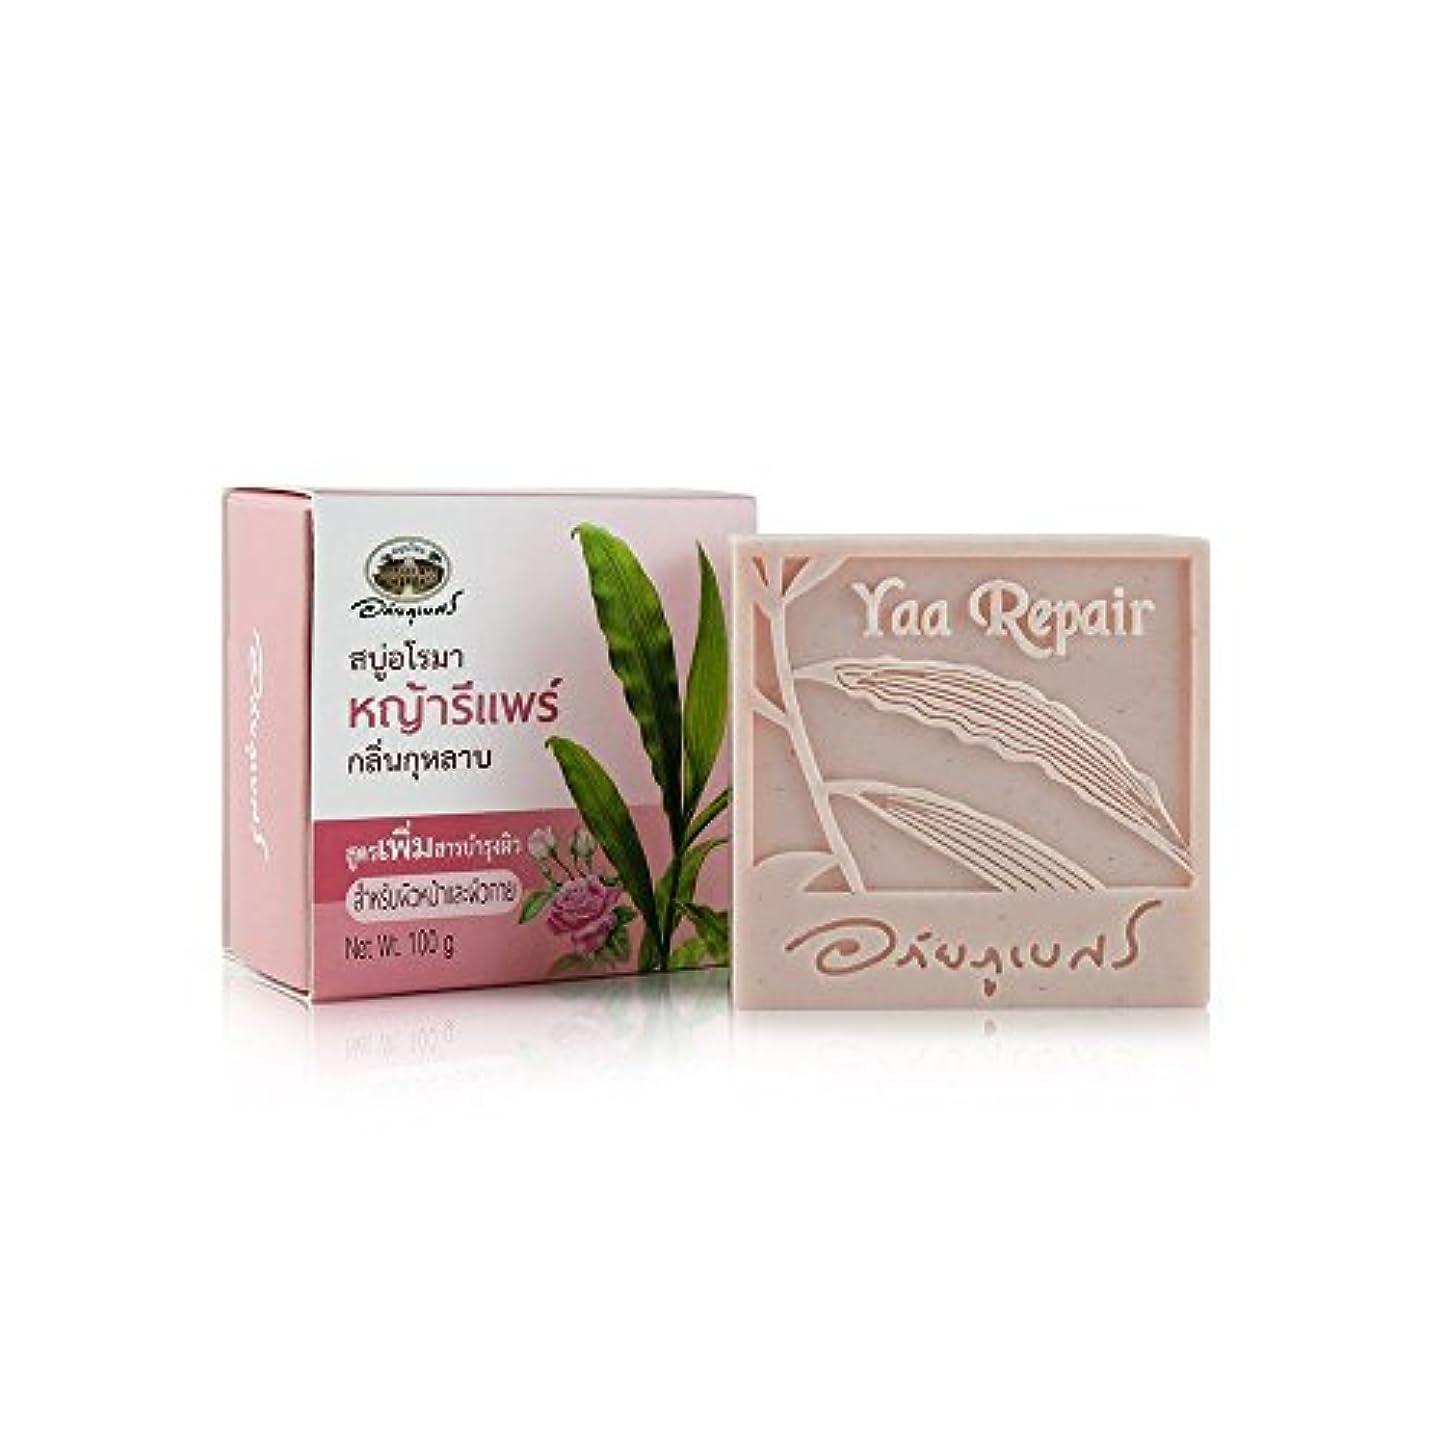 お風呂を持っているイタリアのカーフAbhaibhubejhr Thai Aromatherapy With Rose Skin Care Formula Herbal Body Face Cleaning Soap 100g. Abhaibhubejhr...